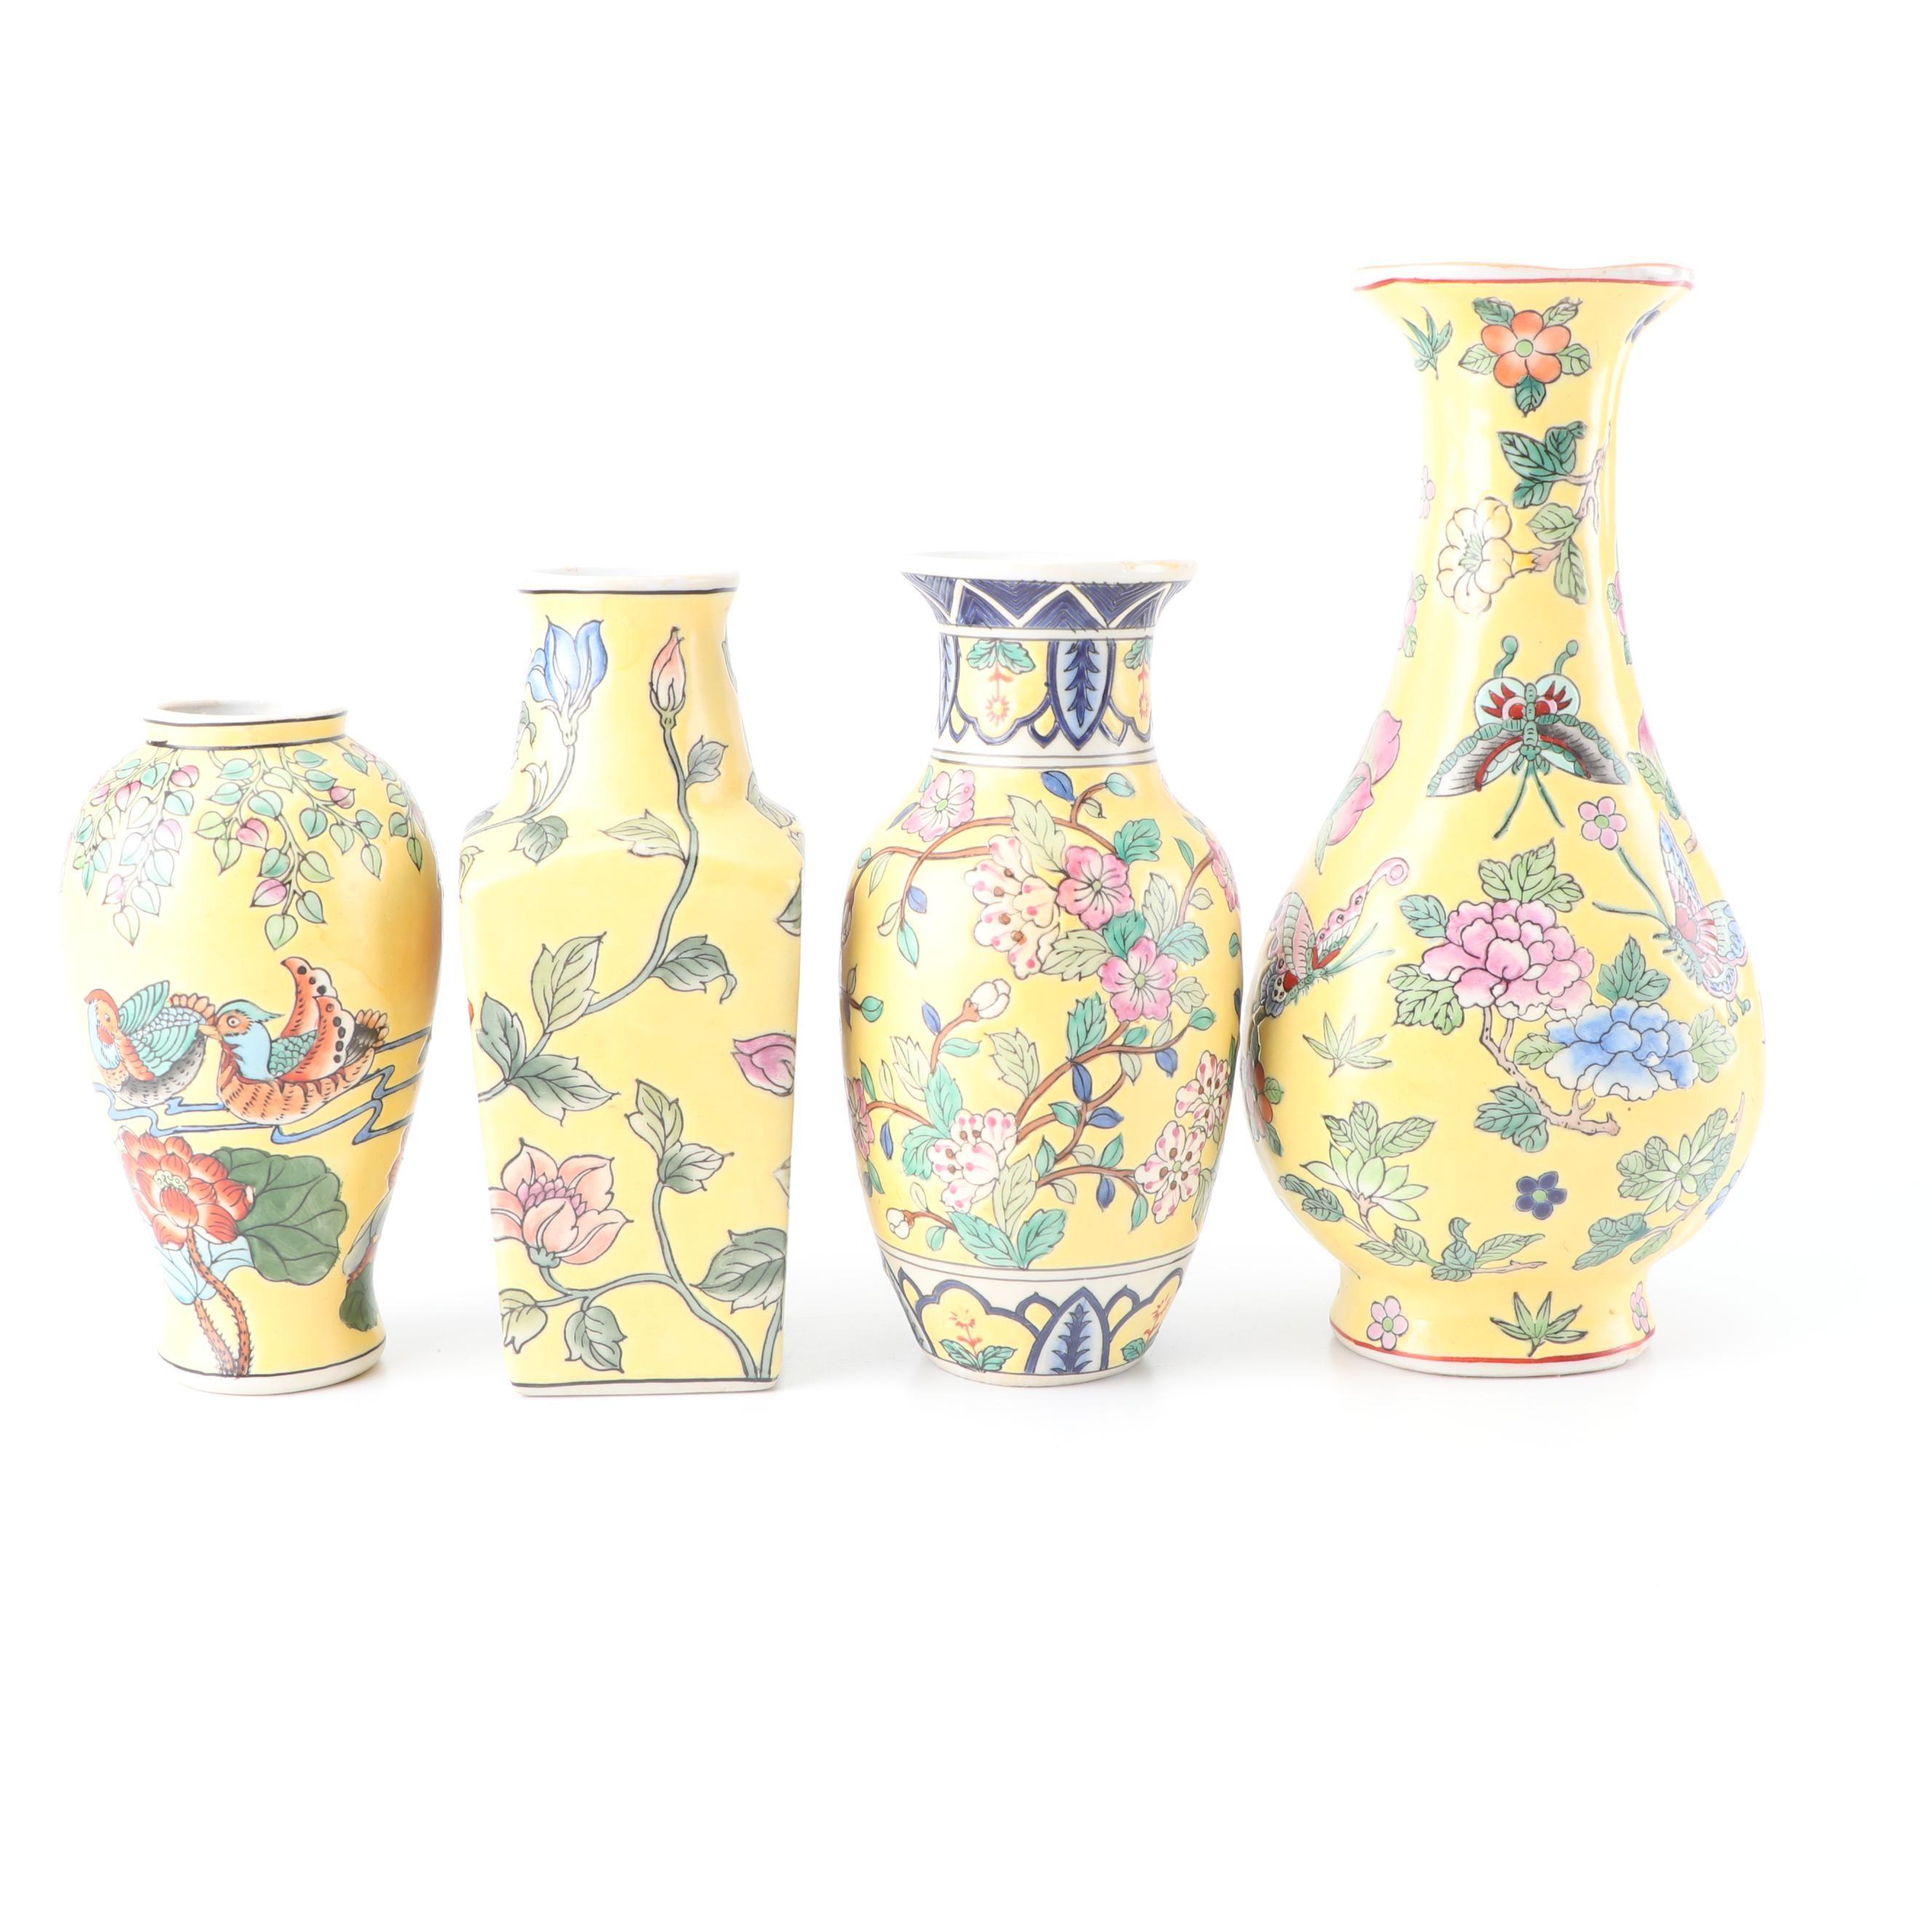 Chinese Famille Jaune Style Porcelain Vases